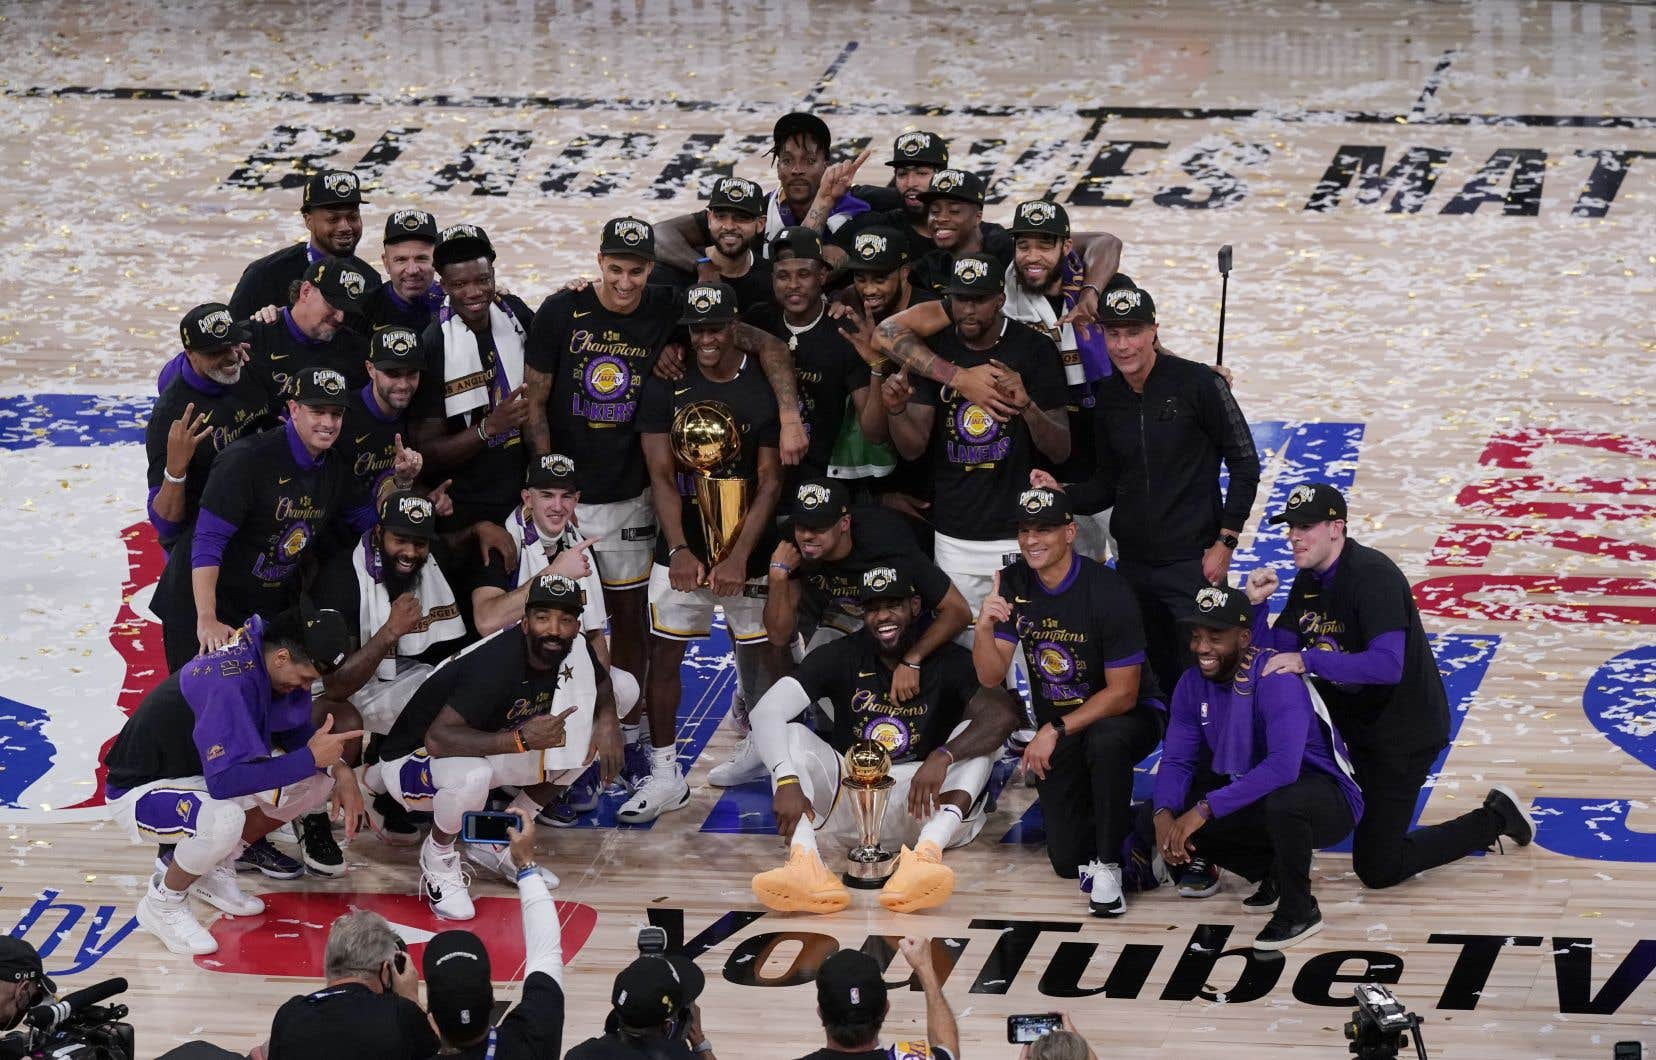 Les Lakers ont surmonté moult défis cette saison, parmi lesquels la mort tragique de Kobe Bryant en janvier et le fait de devoir jouer dans la bulle de la NBA à Walt Disney World pendant trois mois, sans partisans.